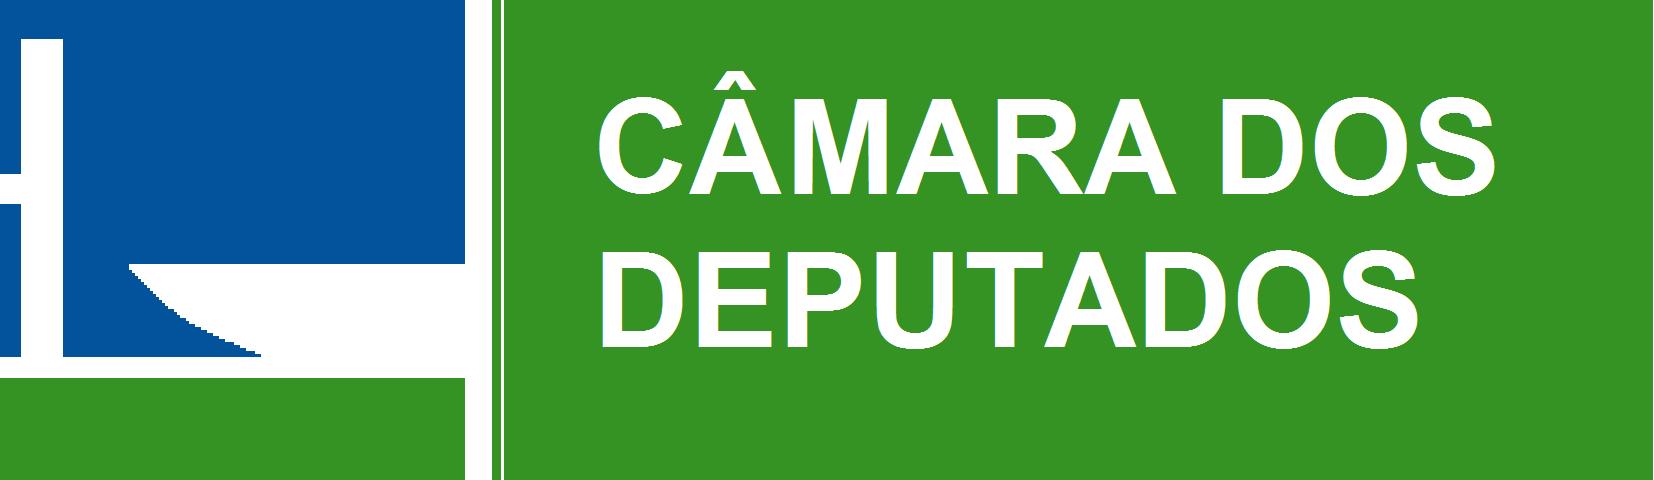 Câmara_dos_Deputados-concurso-aprovado-concursoaprovado-com Melhores Concursos Públicos